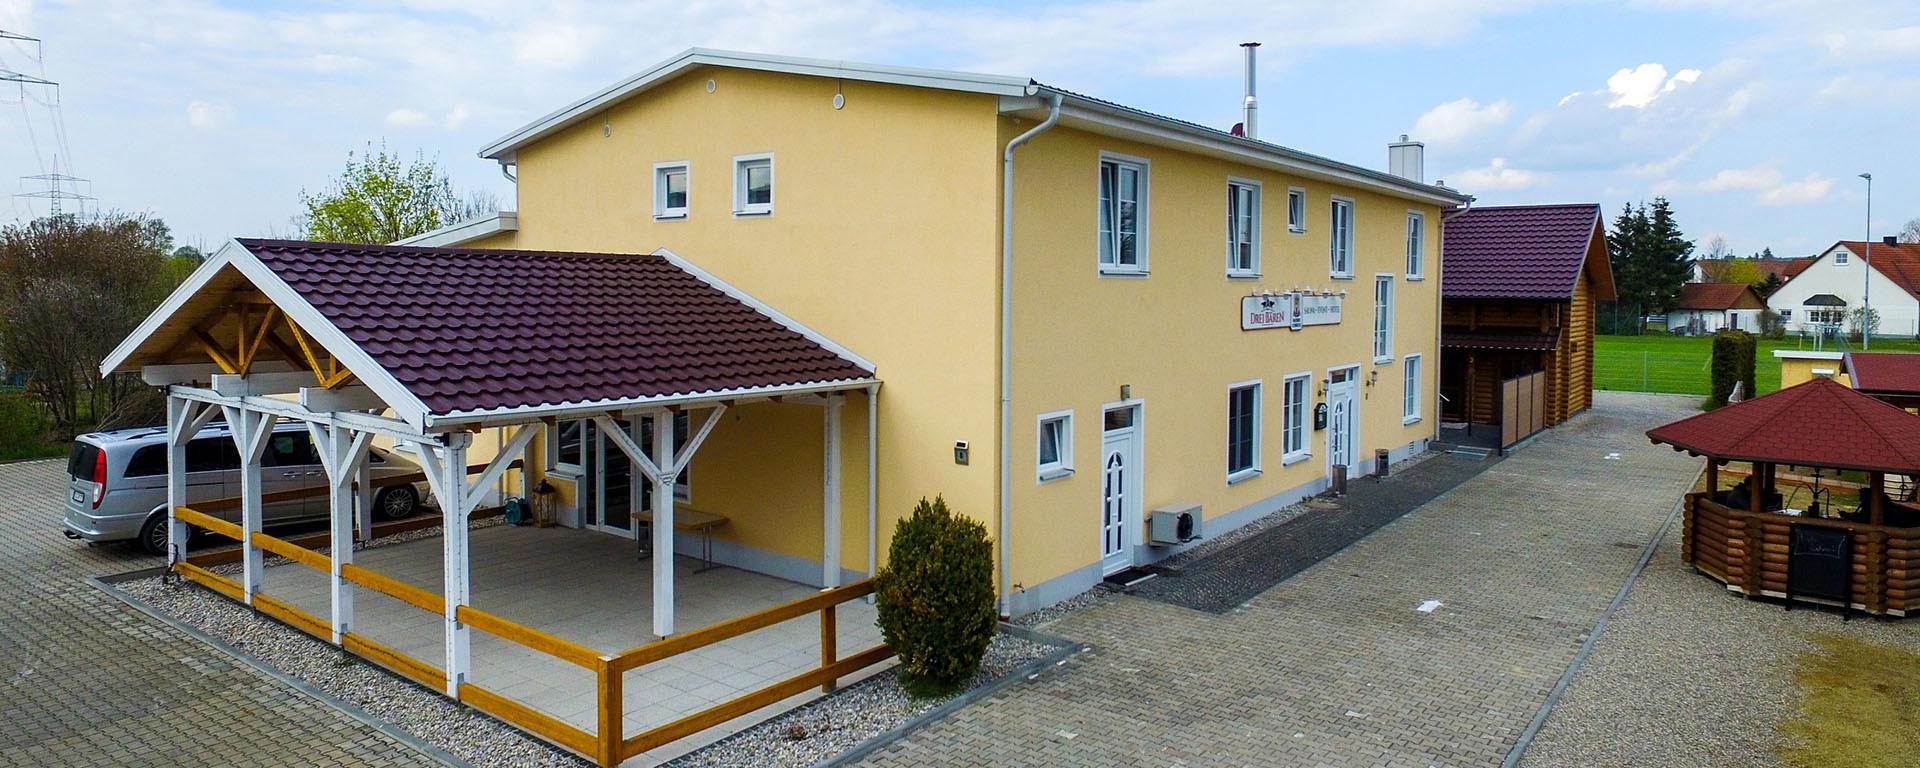 Hotel Drei Bären in 86551 Aichach-Ecknach